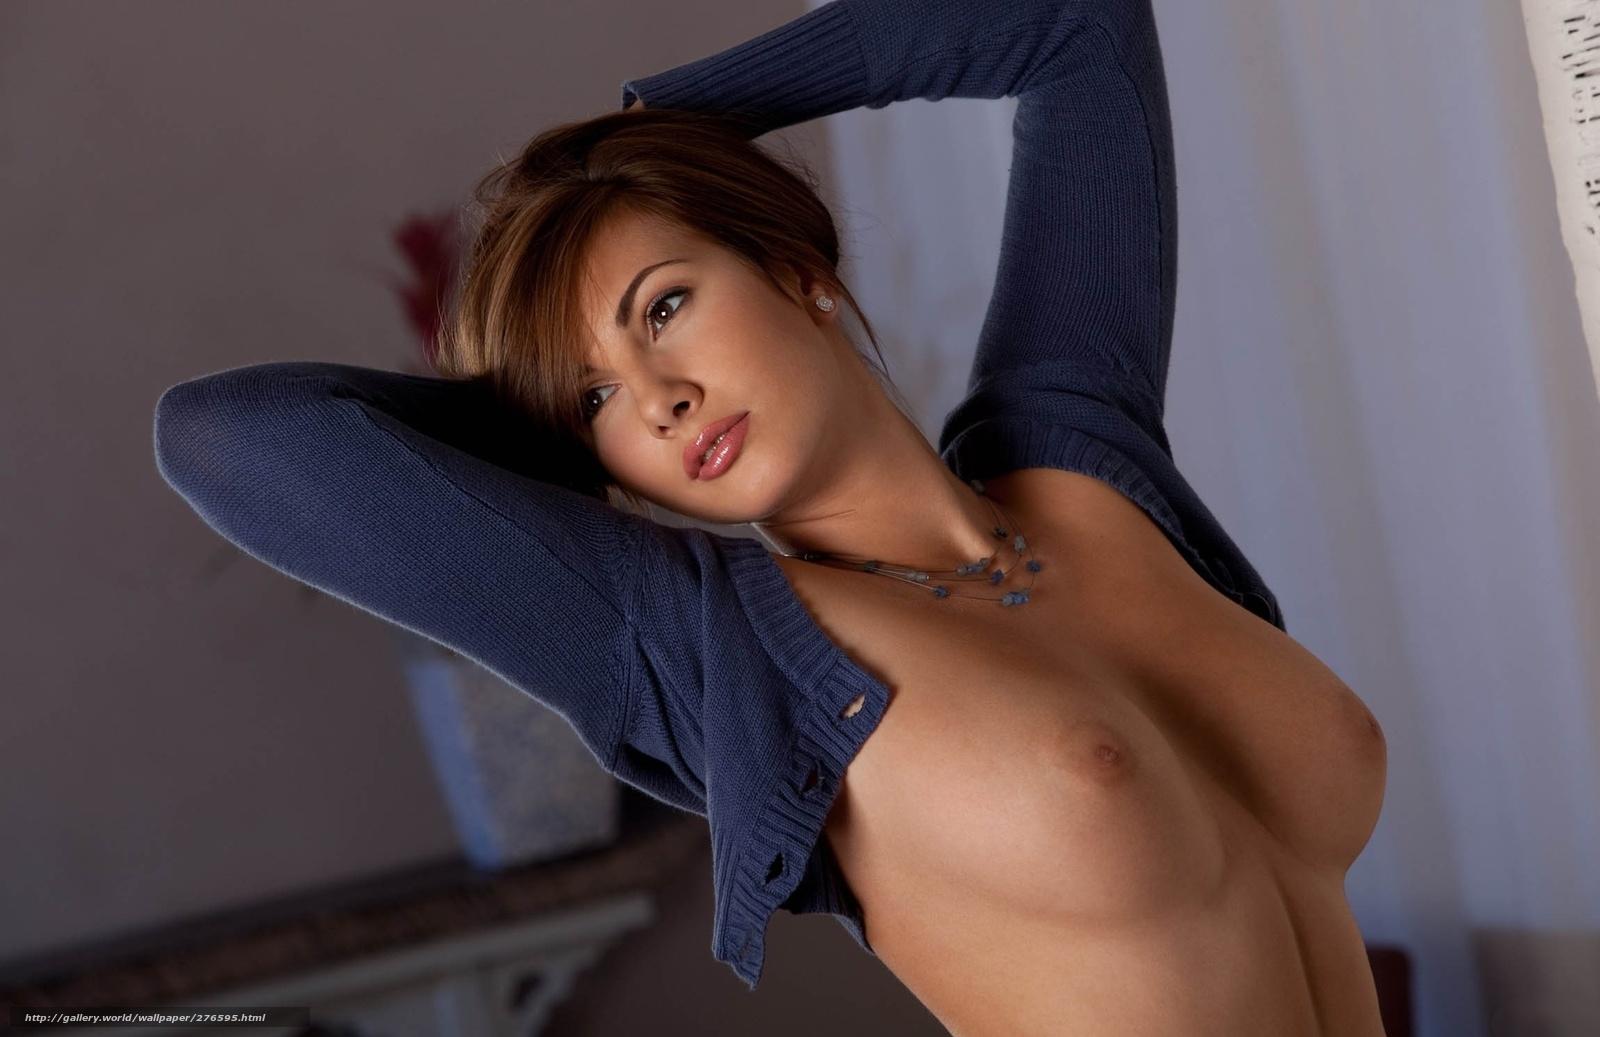 Смотреть бесплатно голых высоких стройных девушек 20 фотография